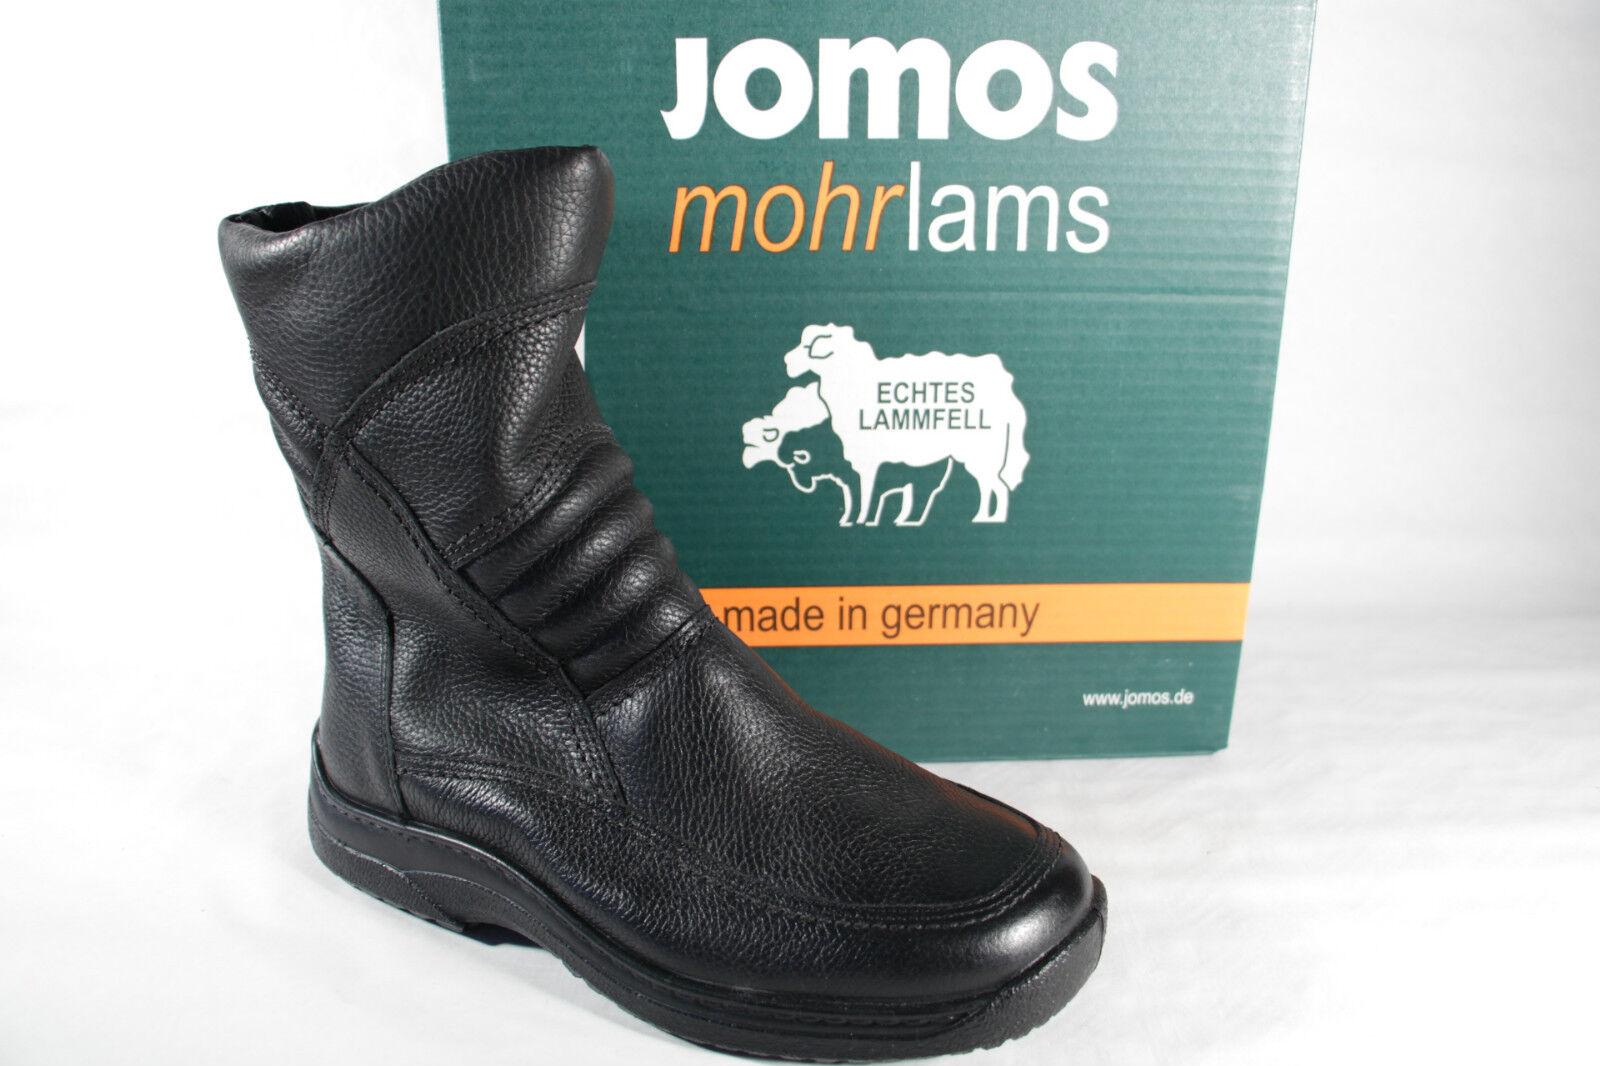 87e752622057d0 Jomos Stiefel Winterstiefel Stiefeletten Boots schwarz Leder Lammfell 40850  Neu!